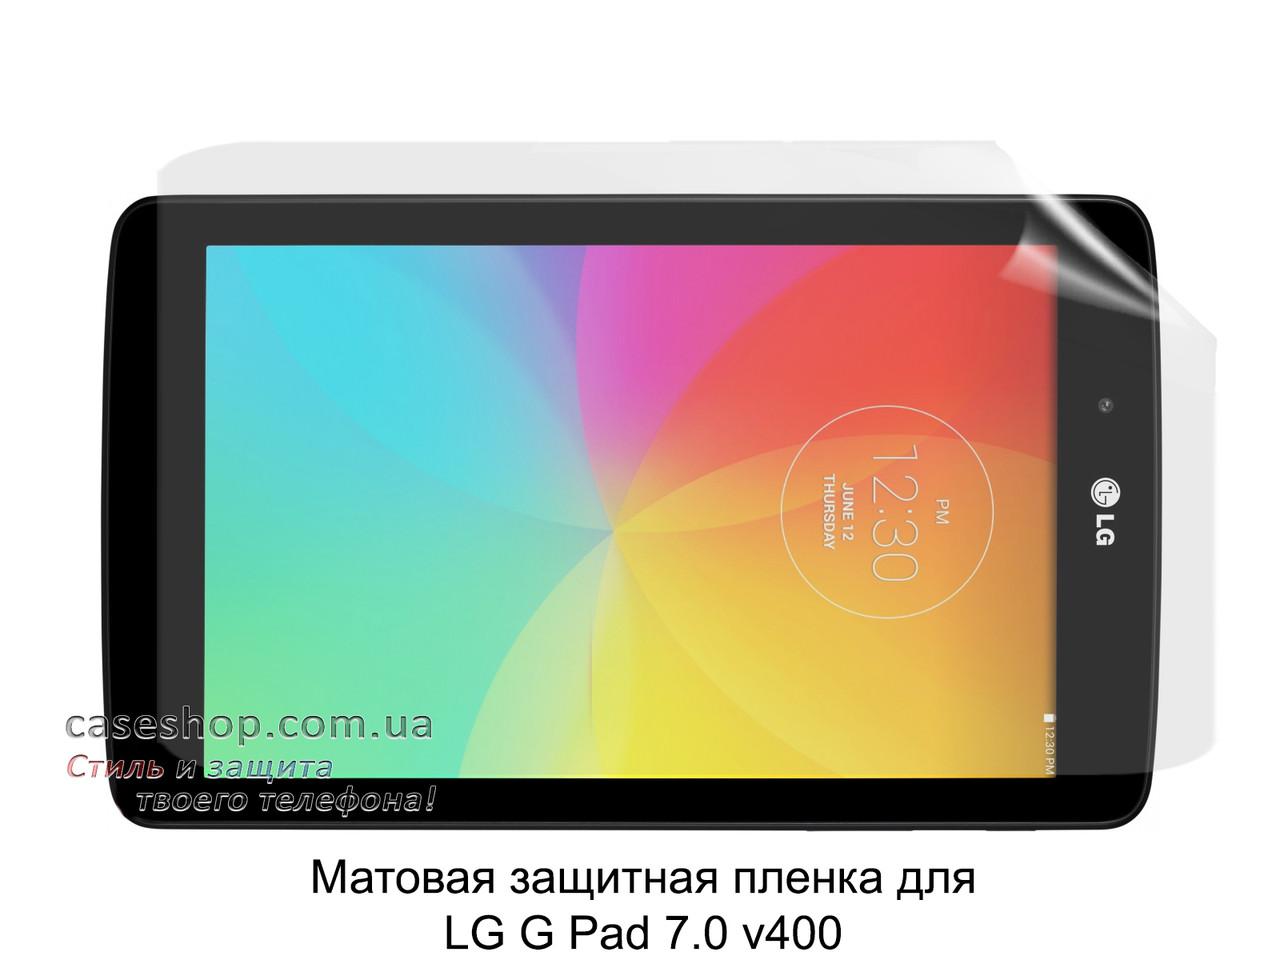 Матовая защитная пленка для LG G Pad 7.0 v400